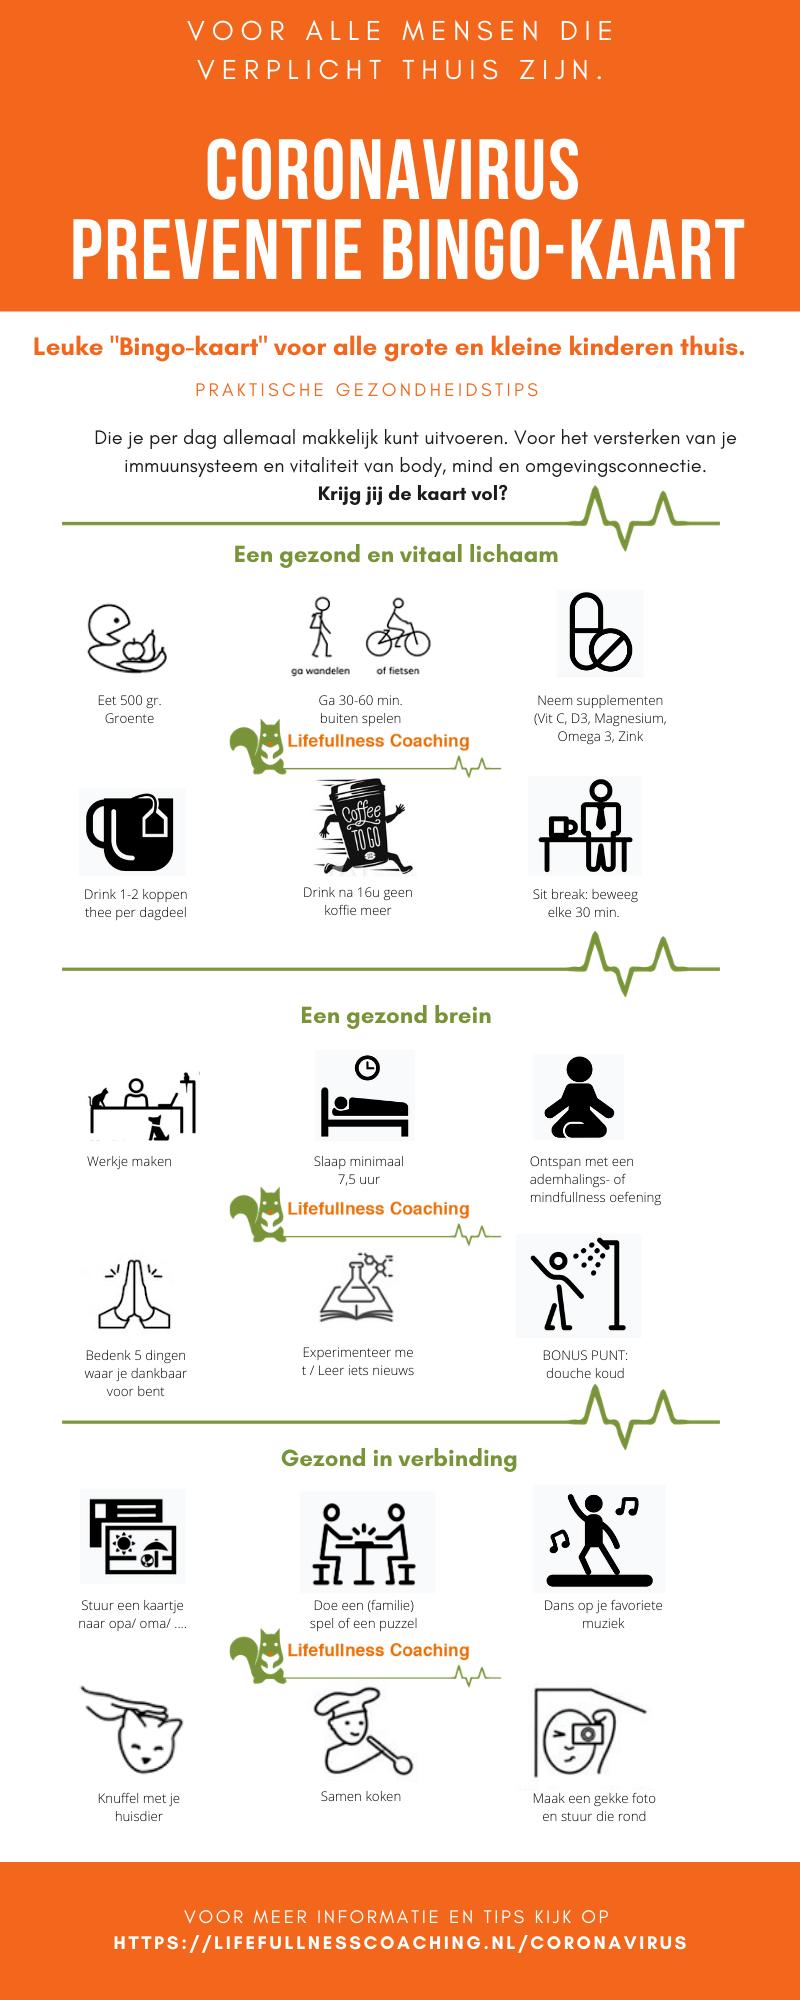 Lifefullness Anti-Corona bingokaart Infographic